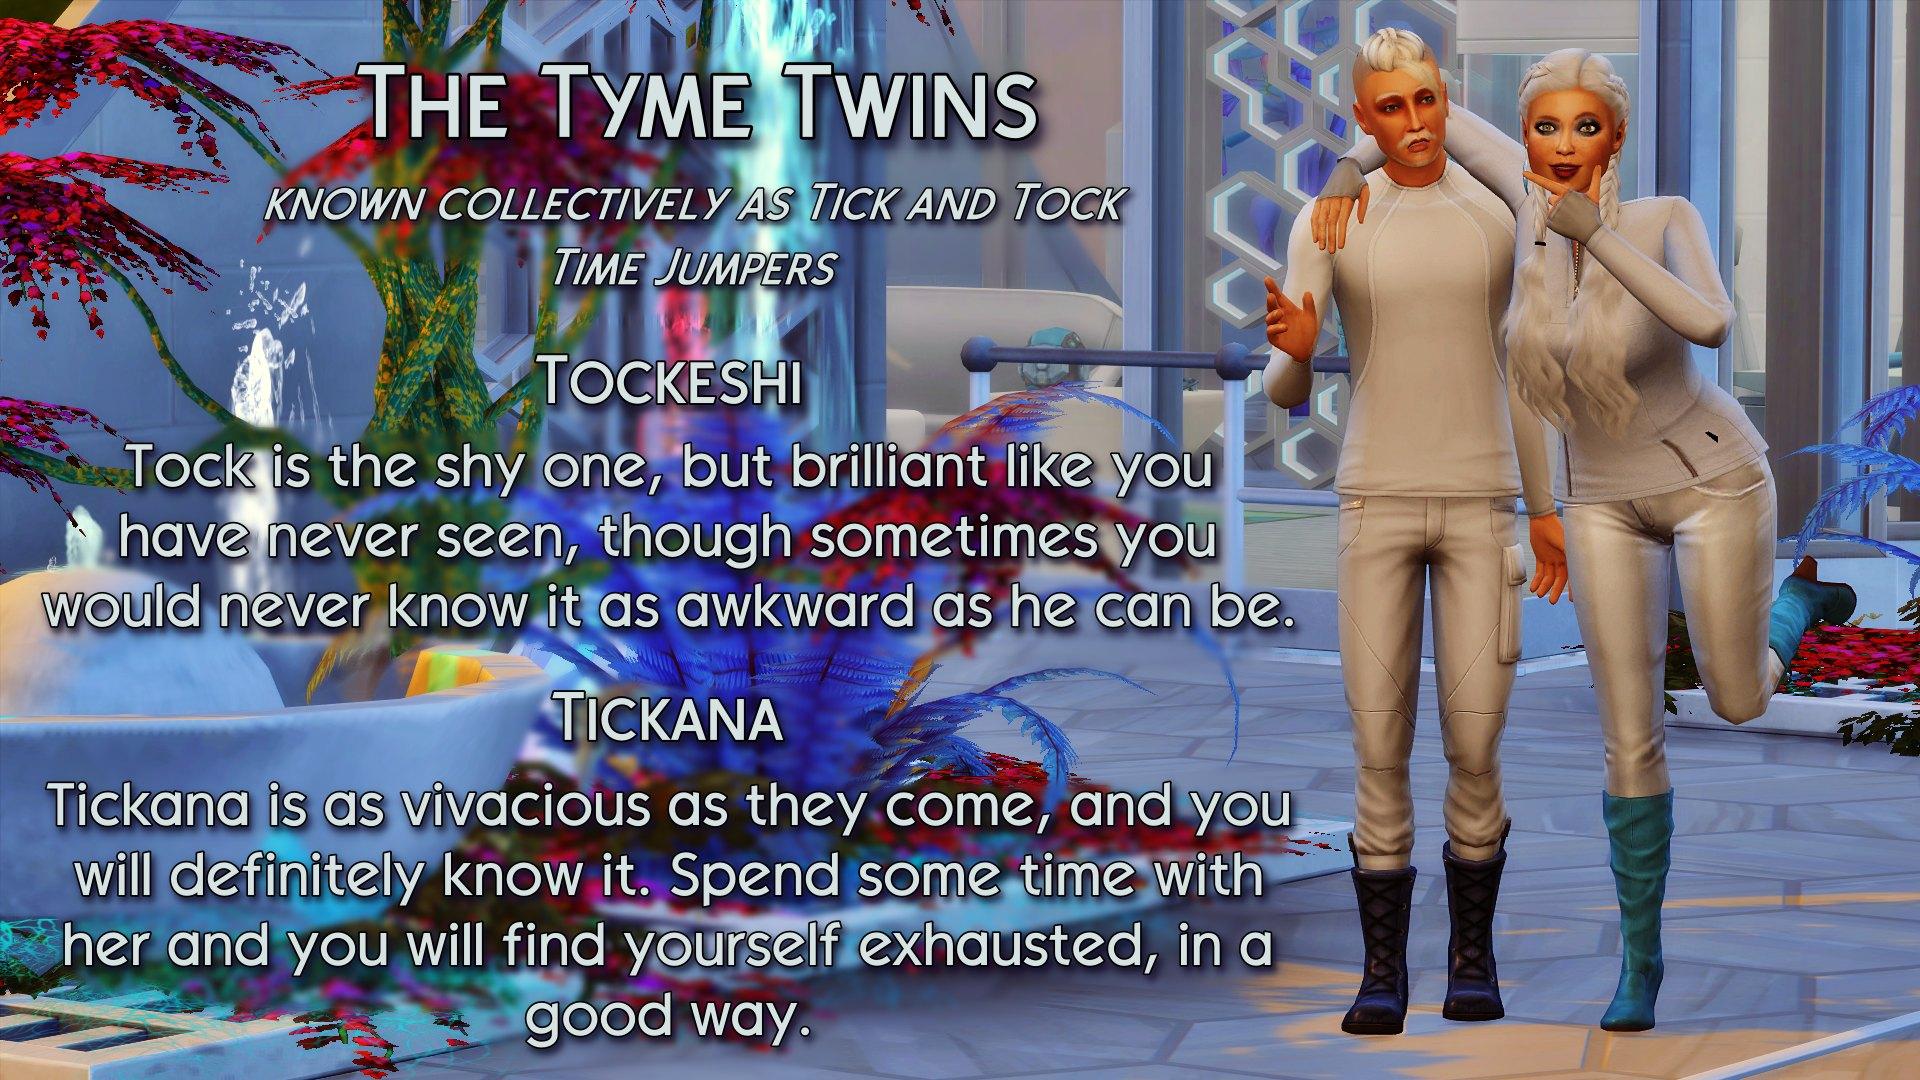 7 Tickana and Tockeshi